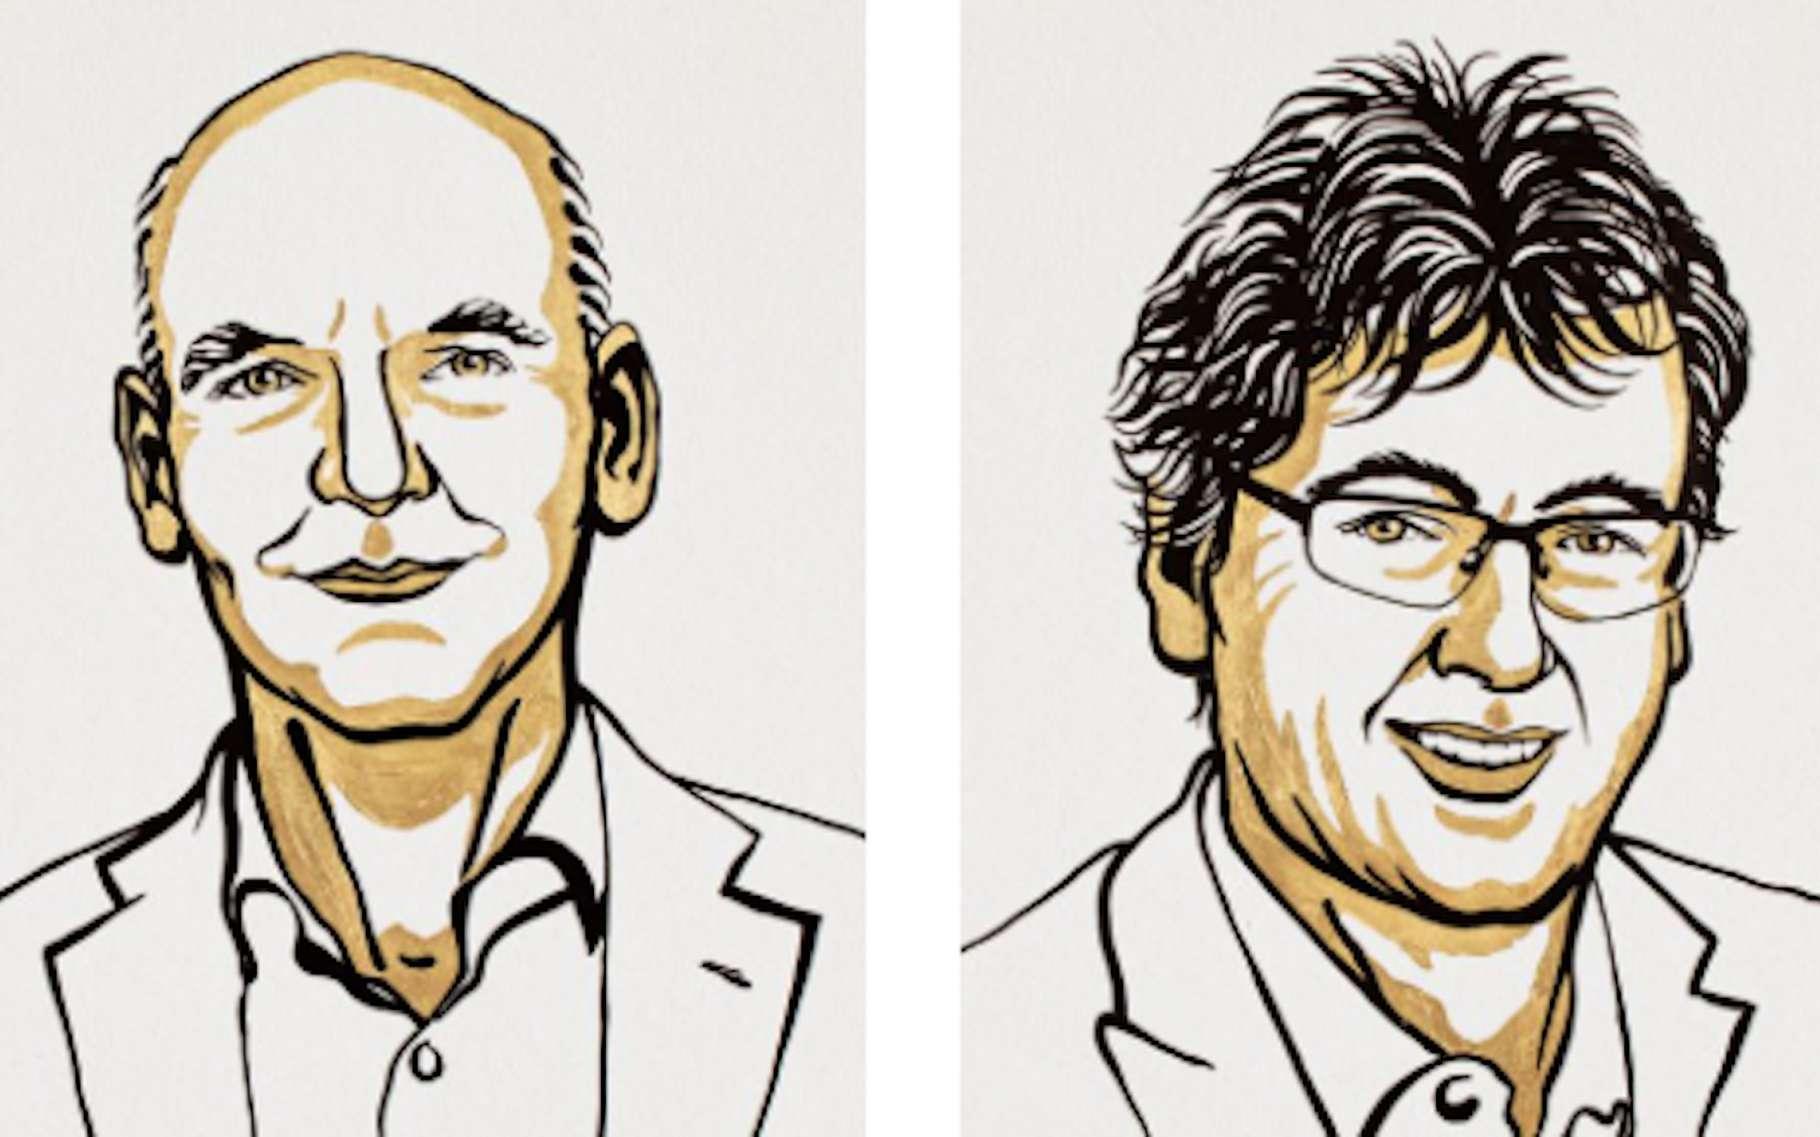 Le prix Nobel de chimie 2021 récompense Benjamin List (Allemagne) et David Mac Millan (États-Unis) pour le développement de l'organocatalyse asymétrique, un outil clé de la chimie verte. © Niklas Elmehed, Nobel Prize Outreach